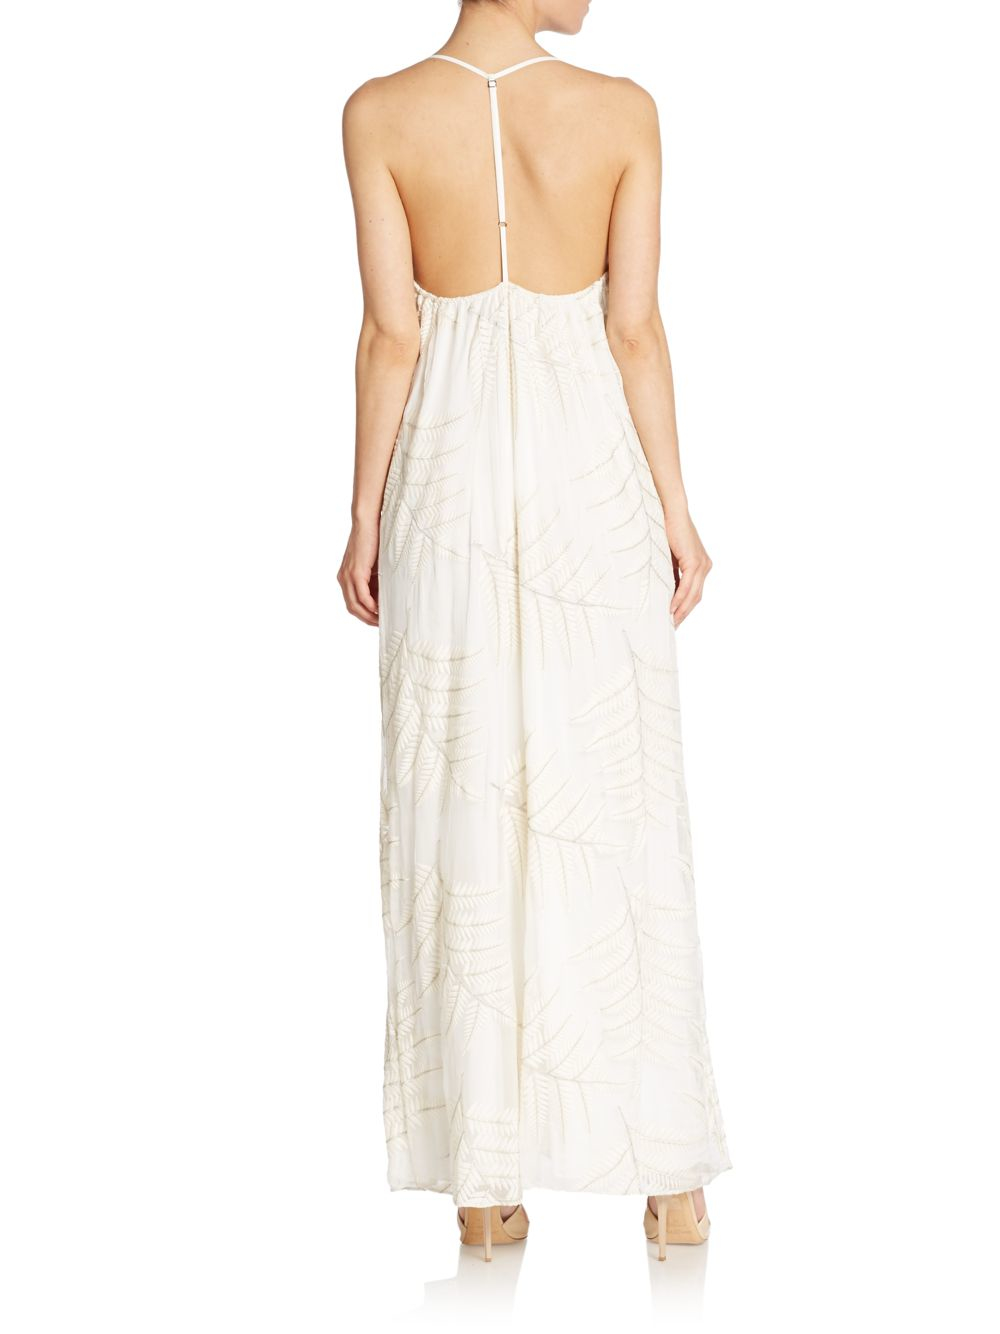 White silk chiffon maxi dress